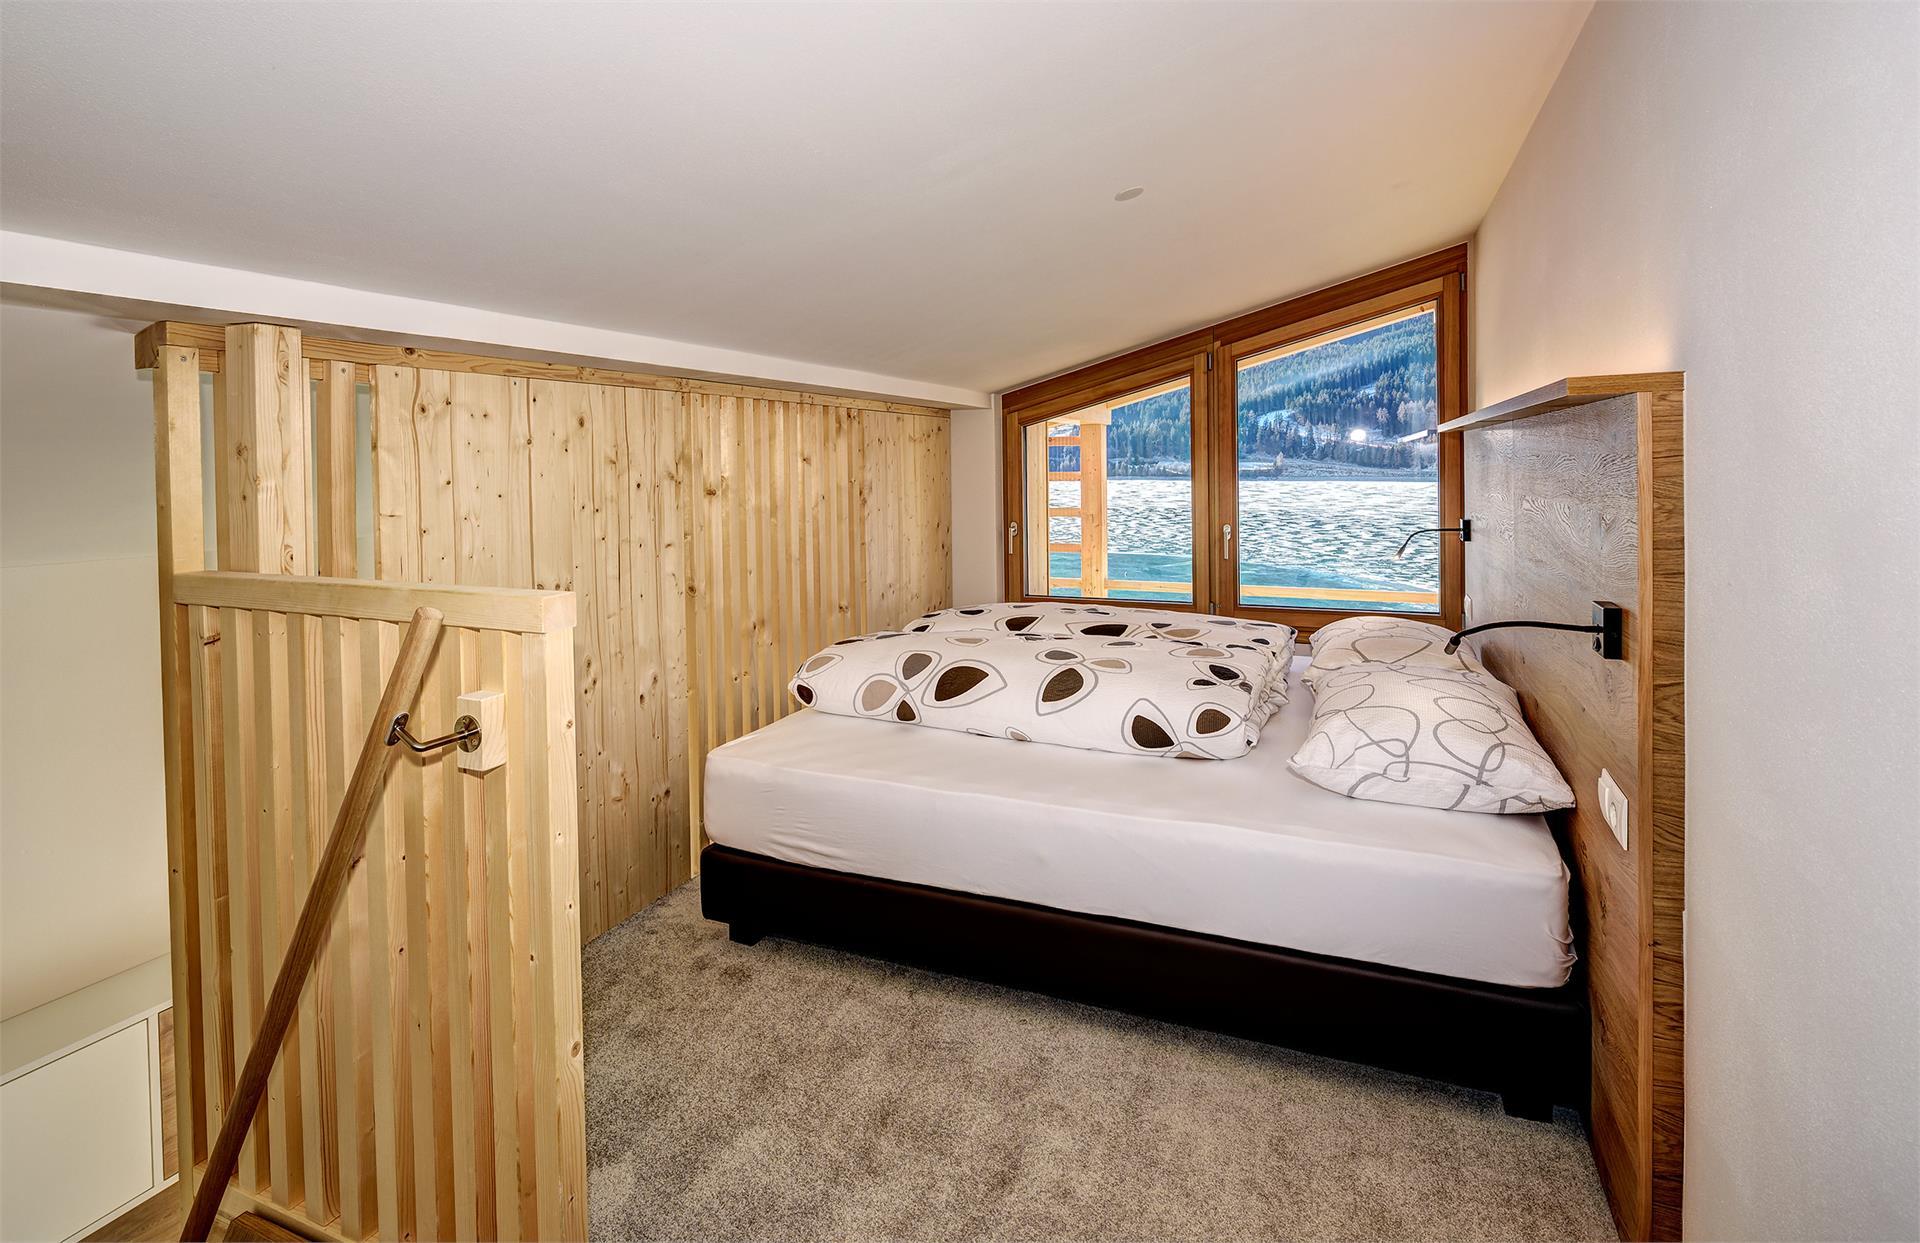 Galeri Suite Enzian-Alpenrose-Edelweiss